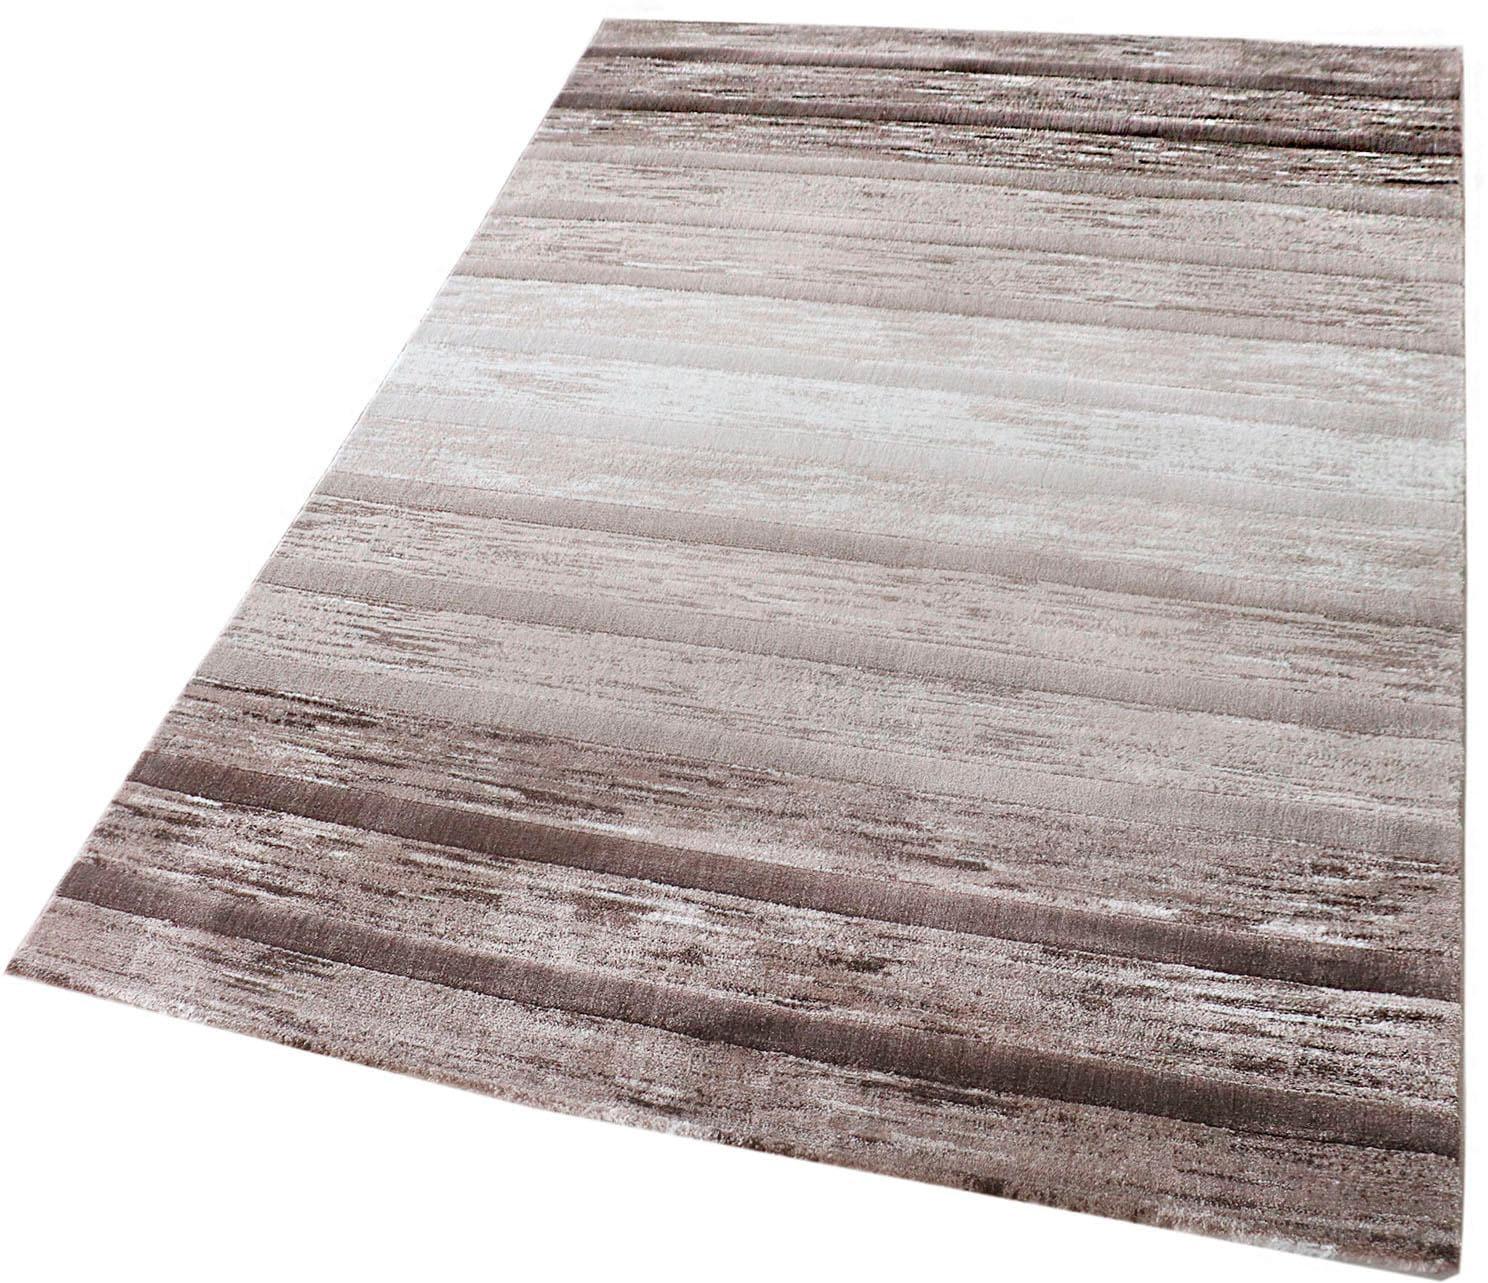 Teppich Lena 303 Sehrazat rechteckig Höhe 13 mm maschinell gewebt